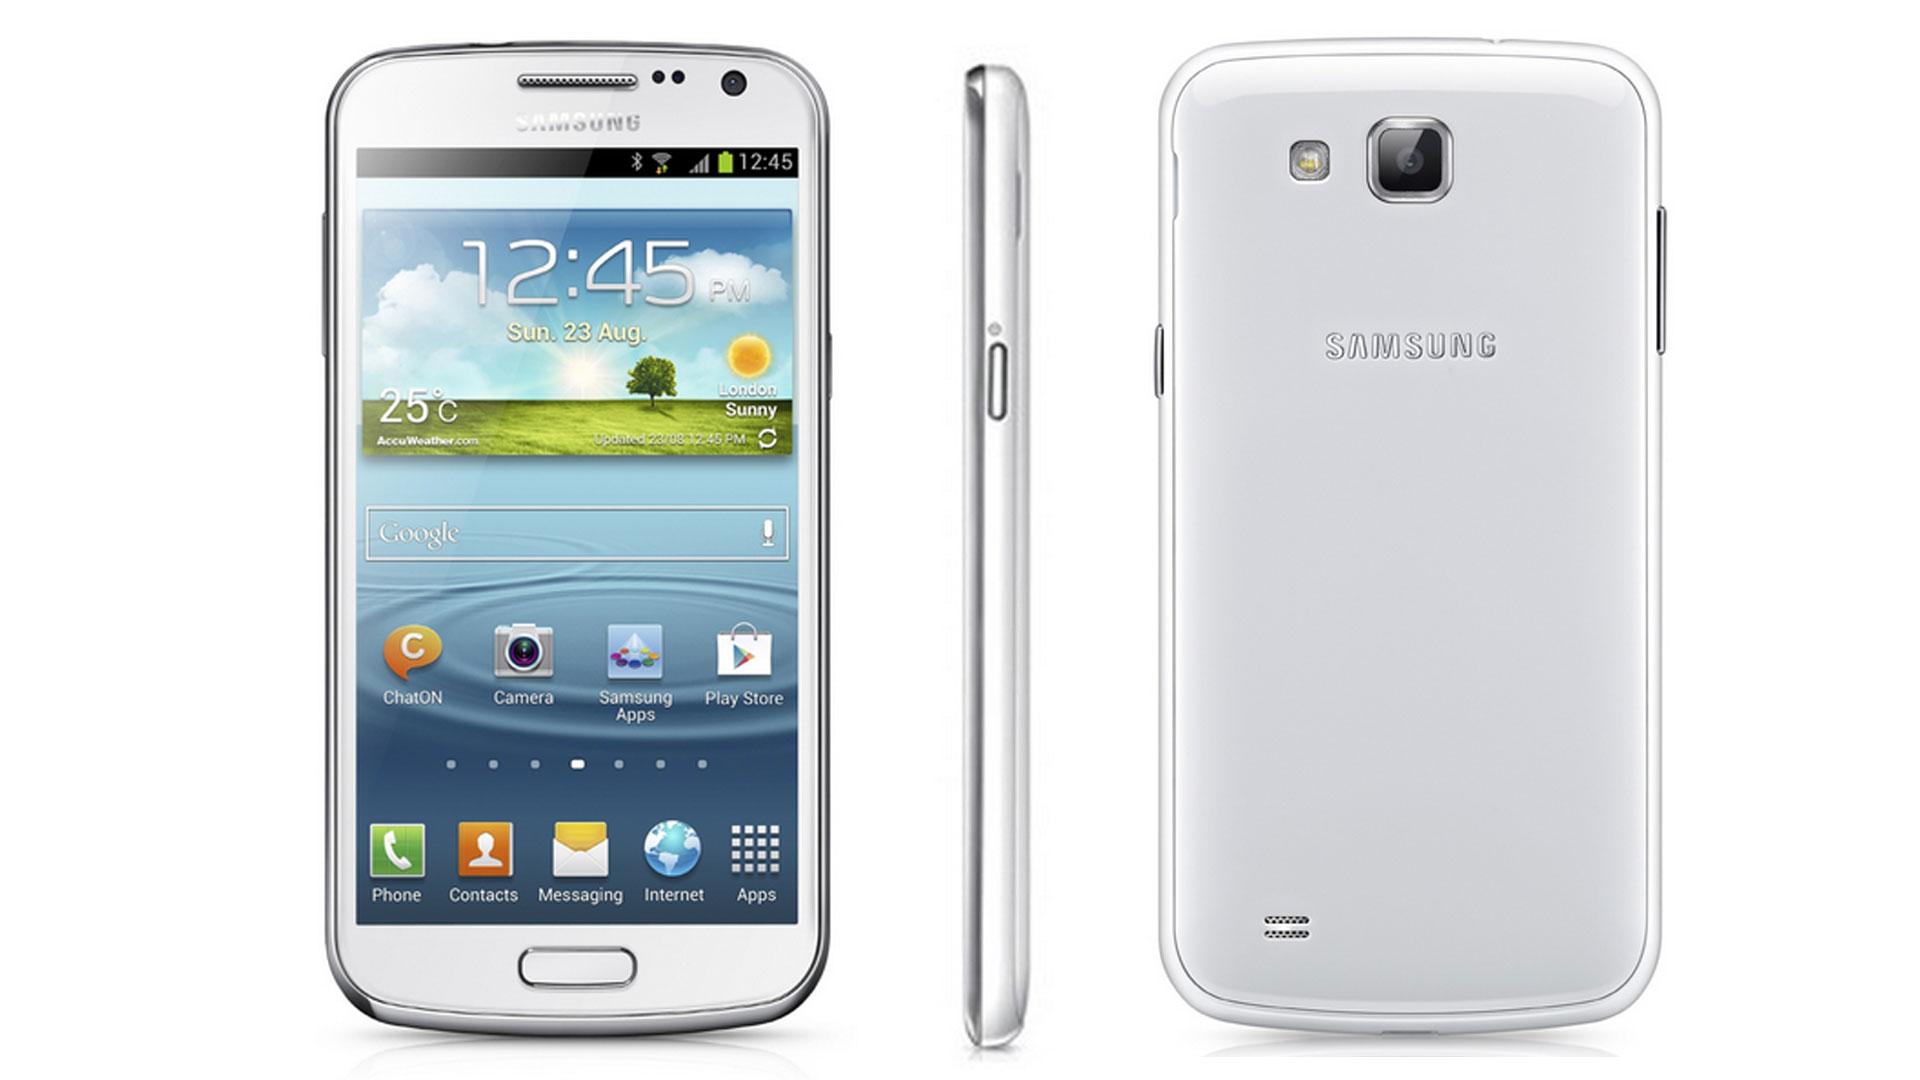 جوال سامسونج غالكسي Samsung Galaxy Premier